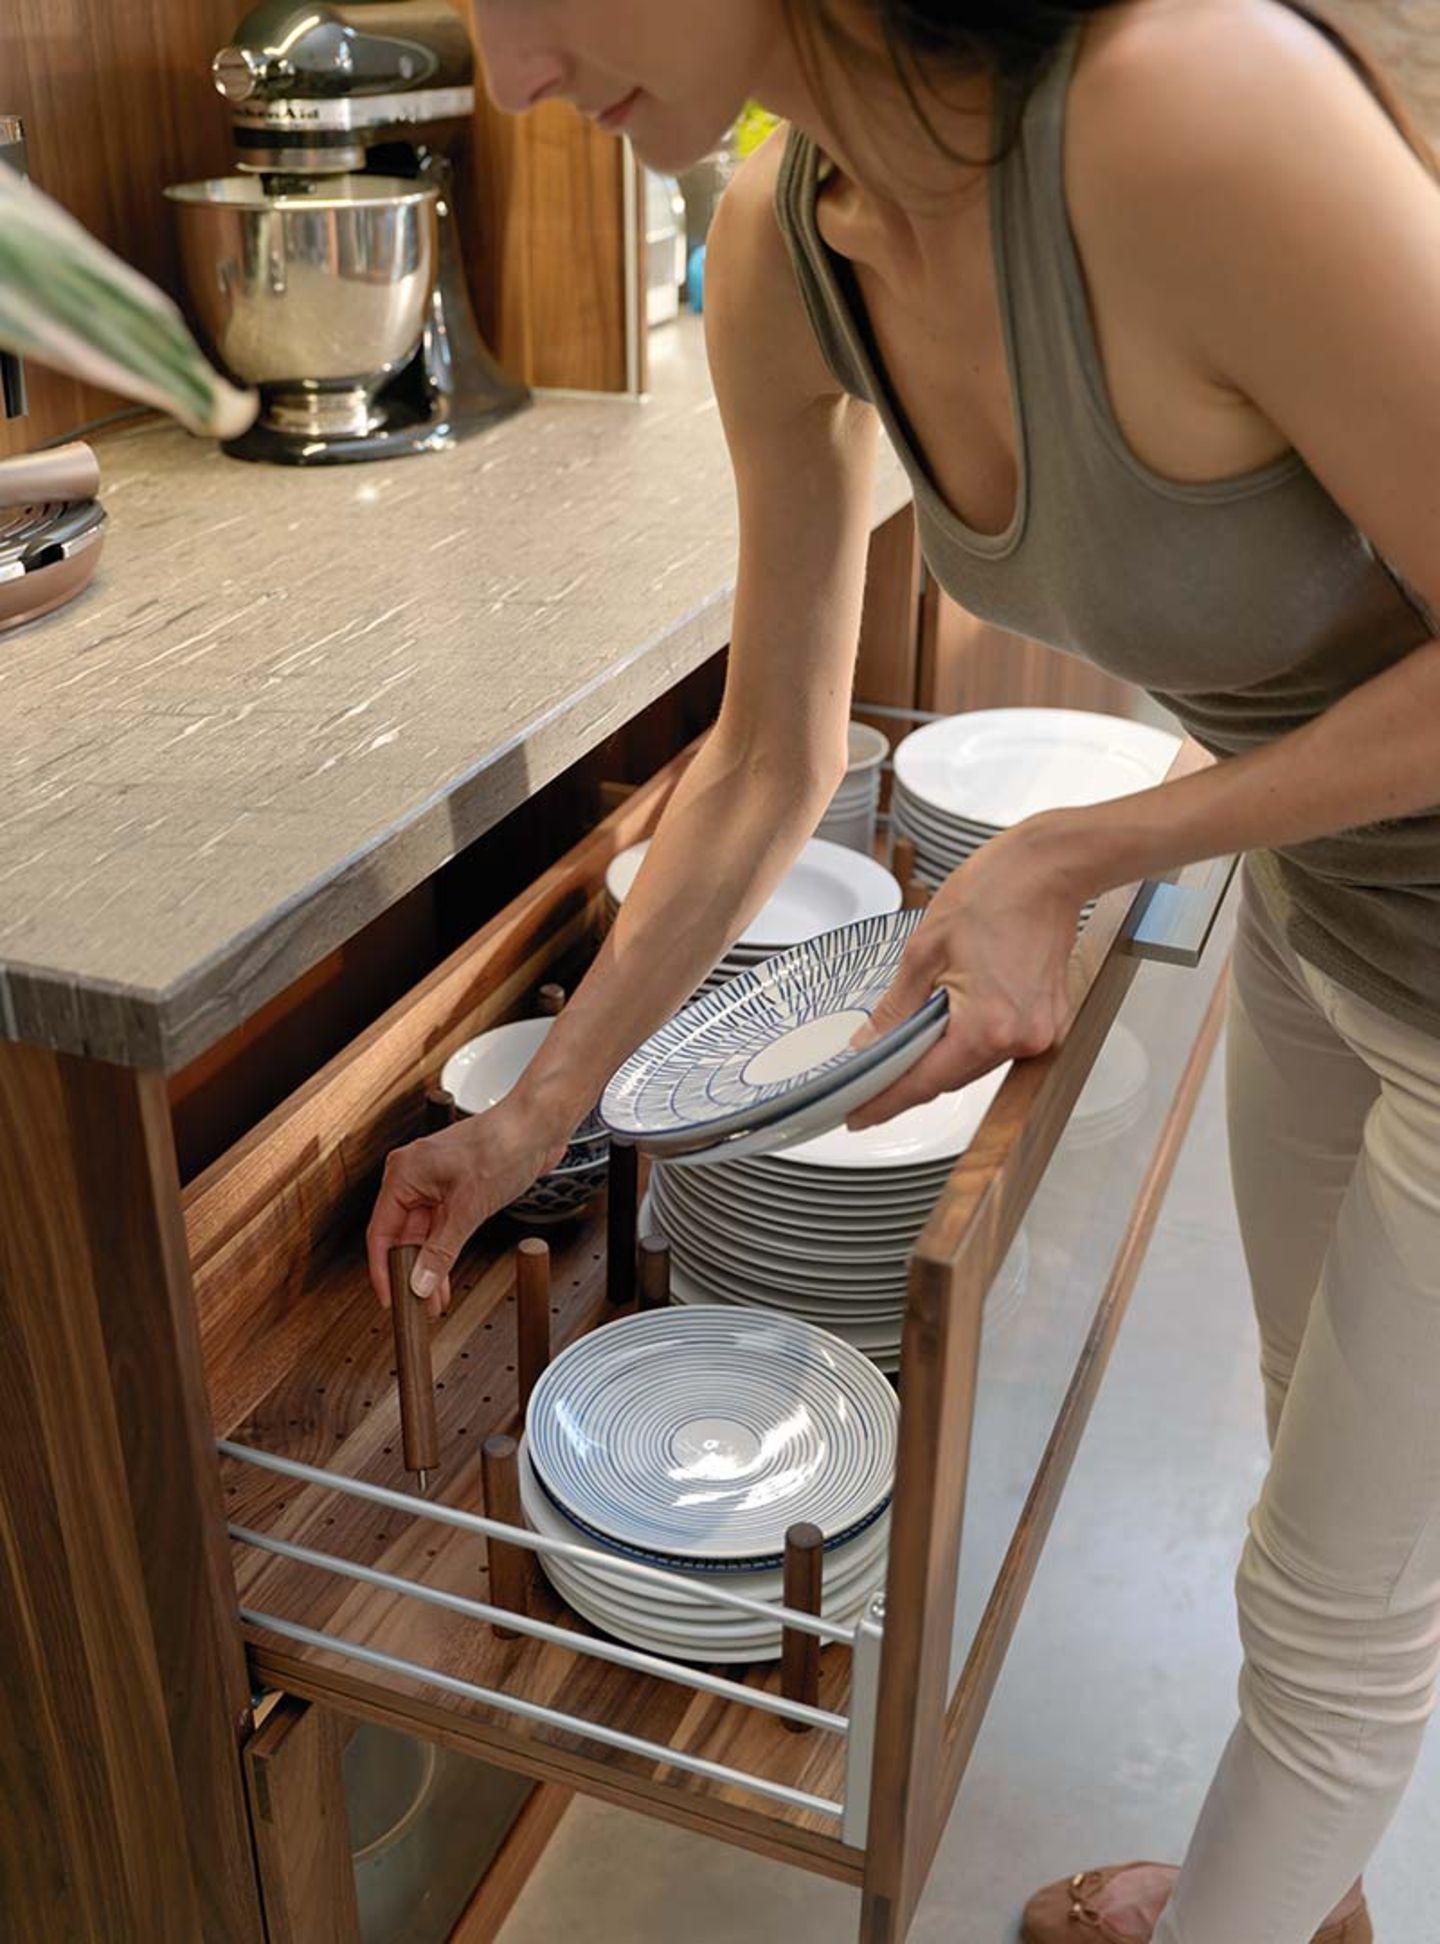 Cucina in legno loft con base portapiatti e distanziatori